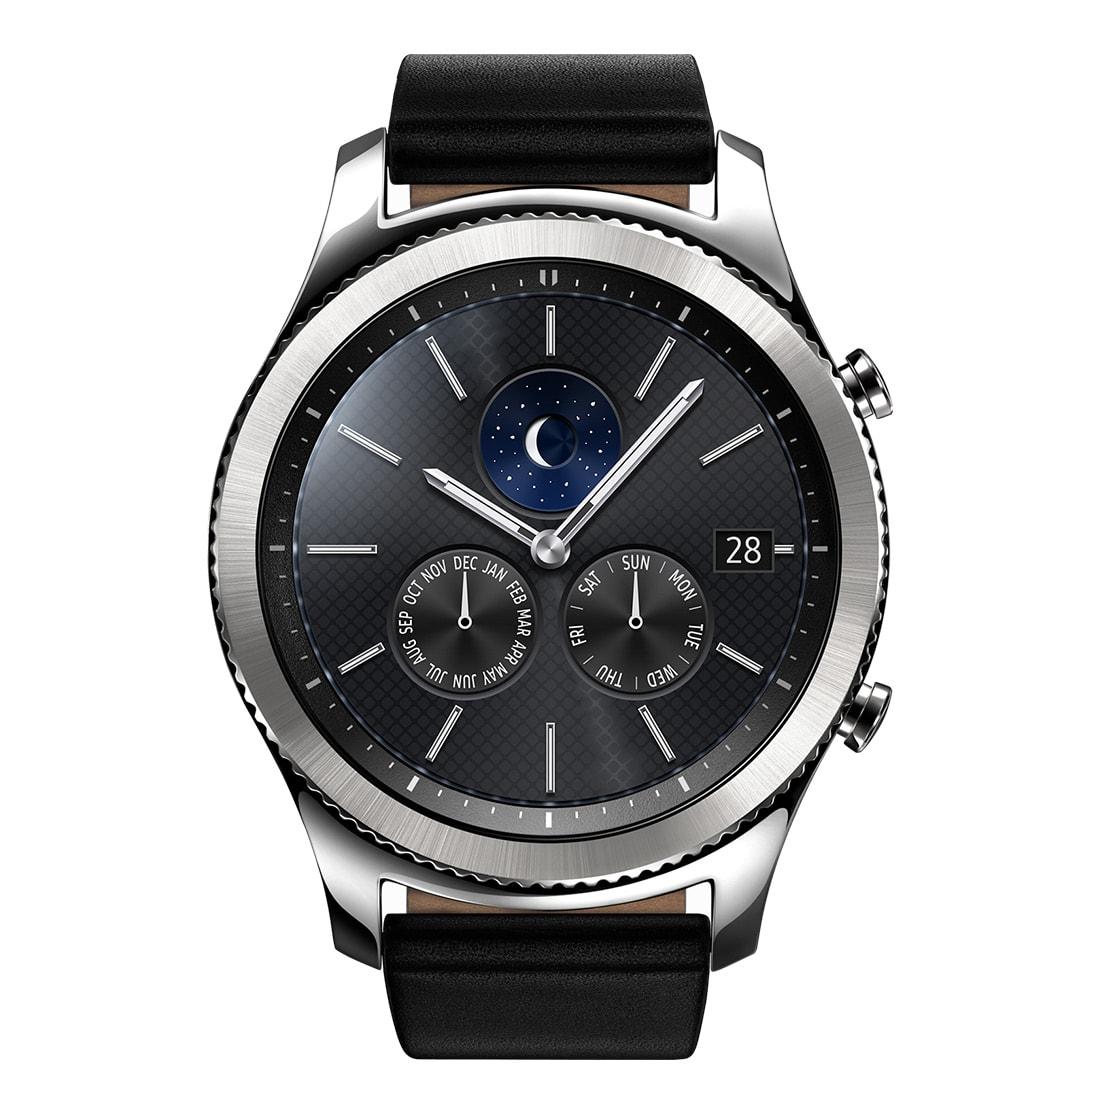 三星 SAMSUNG Gear S3 Classic 智慧手錶/穿戴配件/內建麥克風/IP68 防水防塵【馬尼行動通訊】